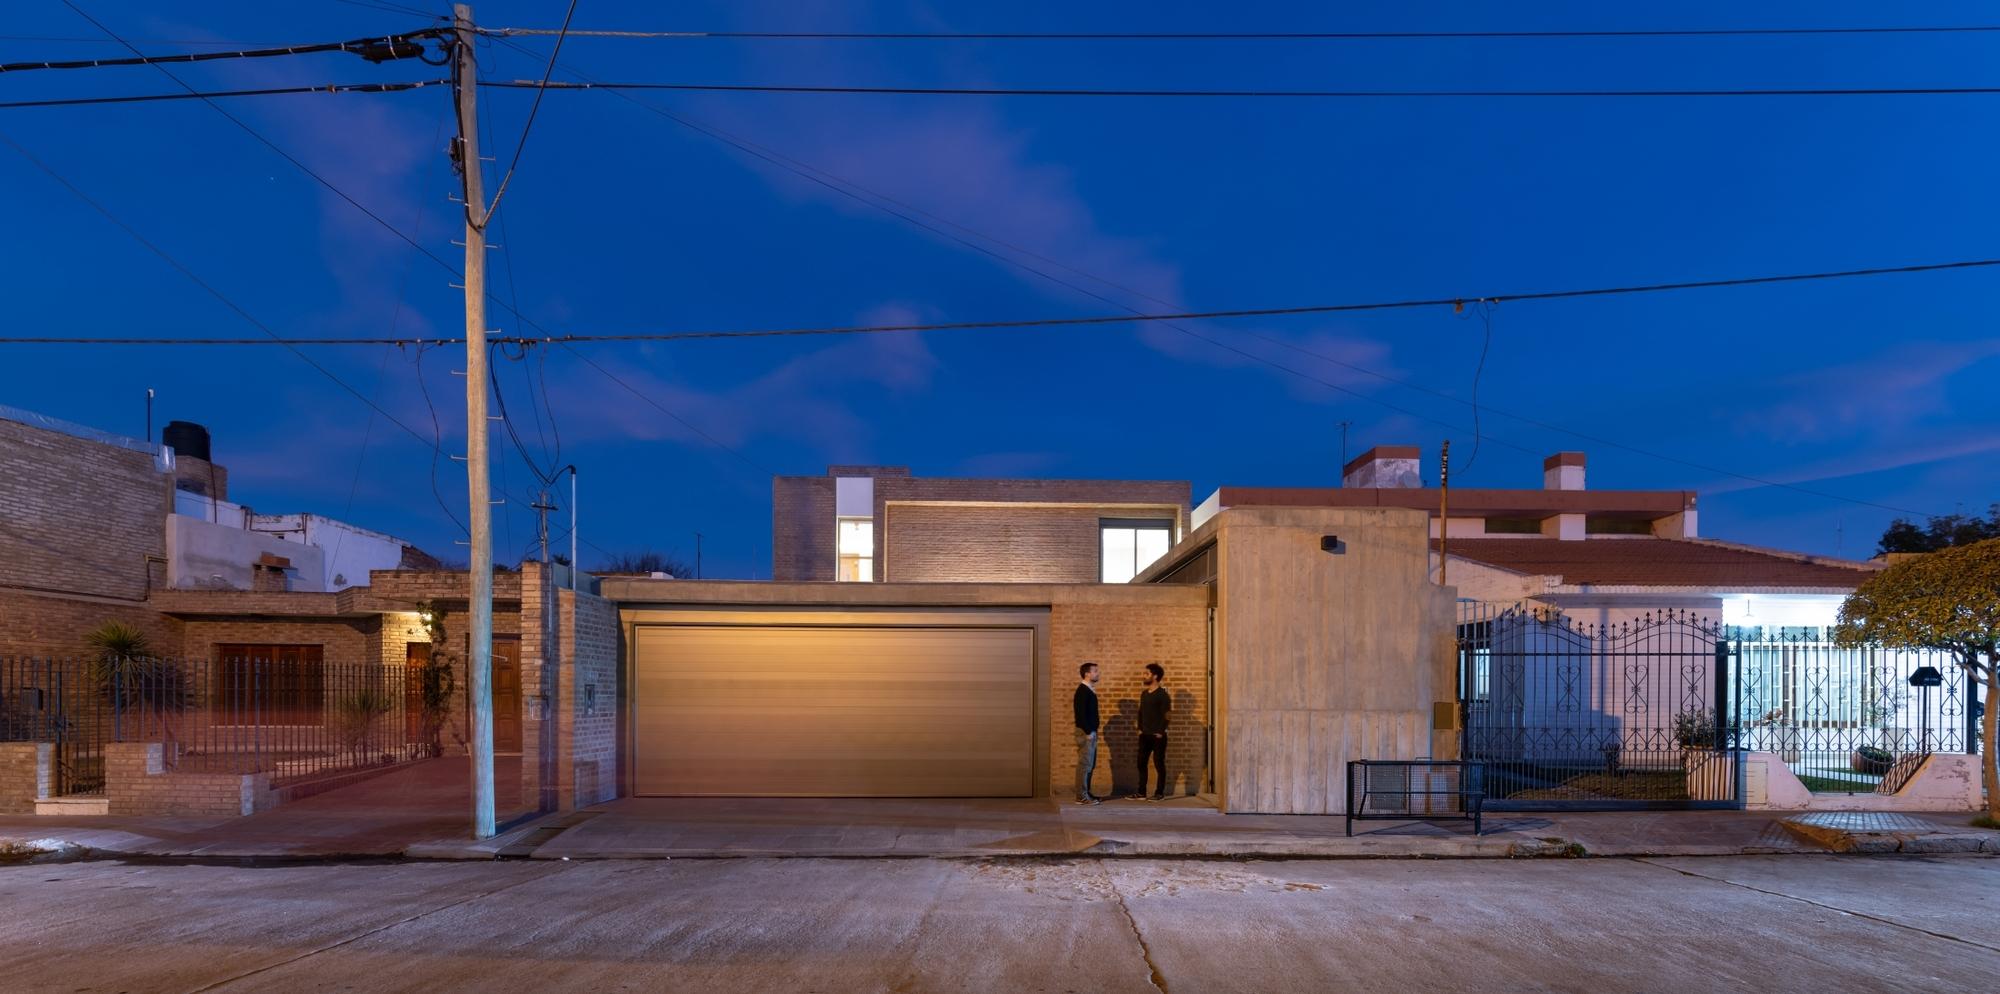 Galer a de vivienda en el norte de c rdoba ono arquitectos 27 - Arquitectos en cordoba ...